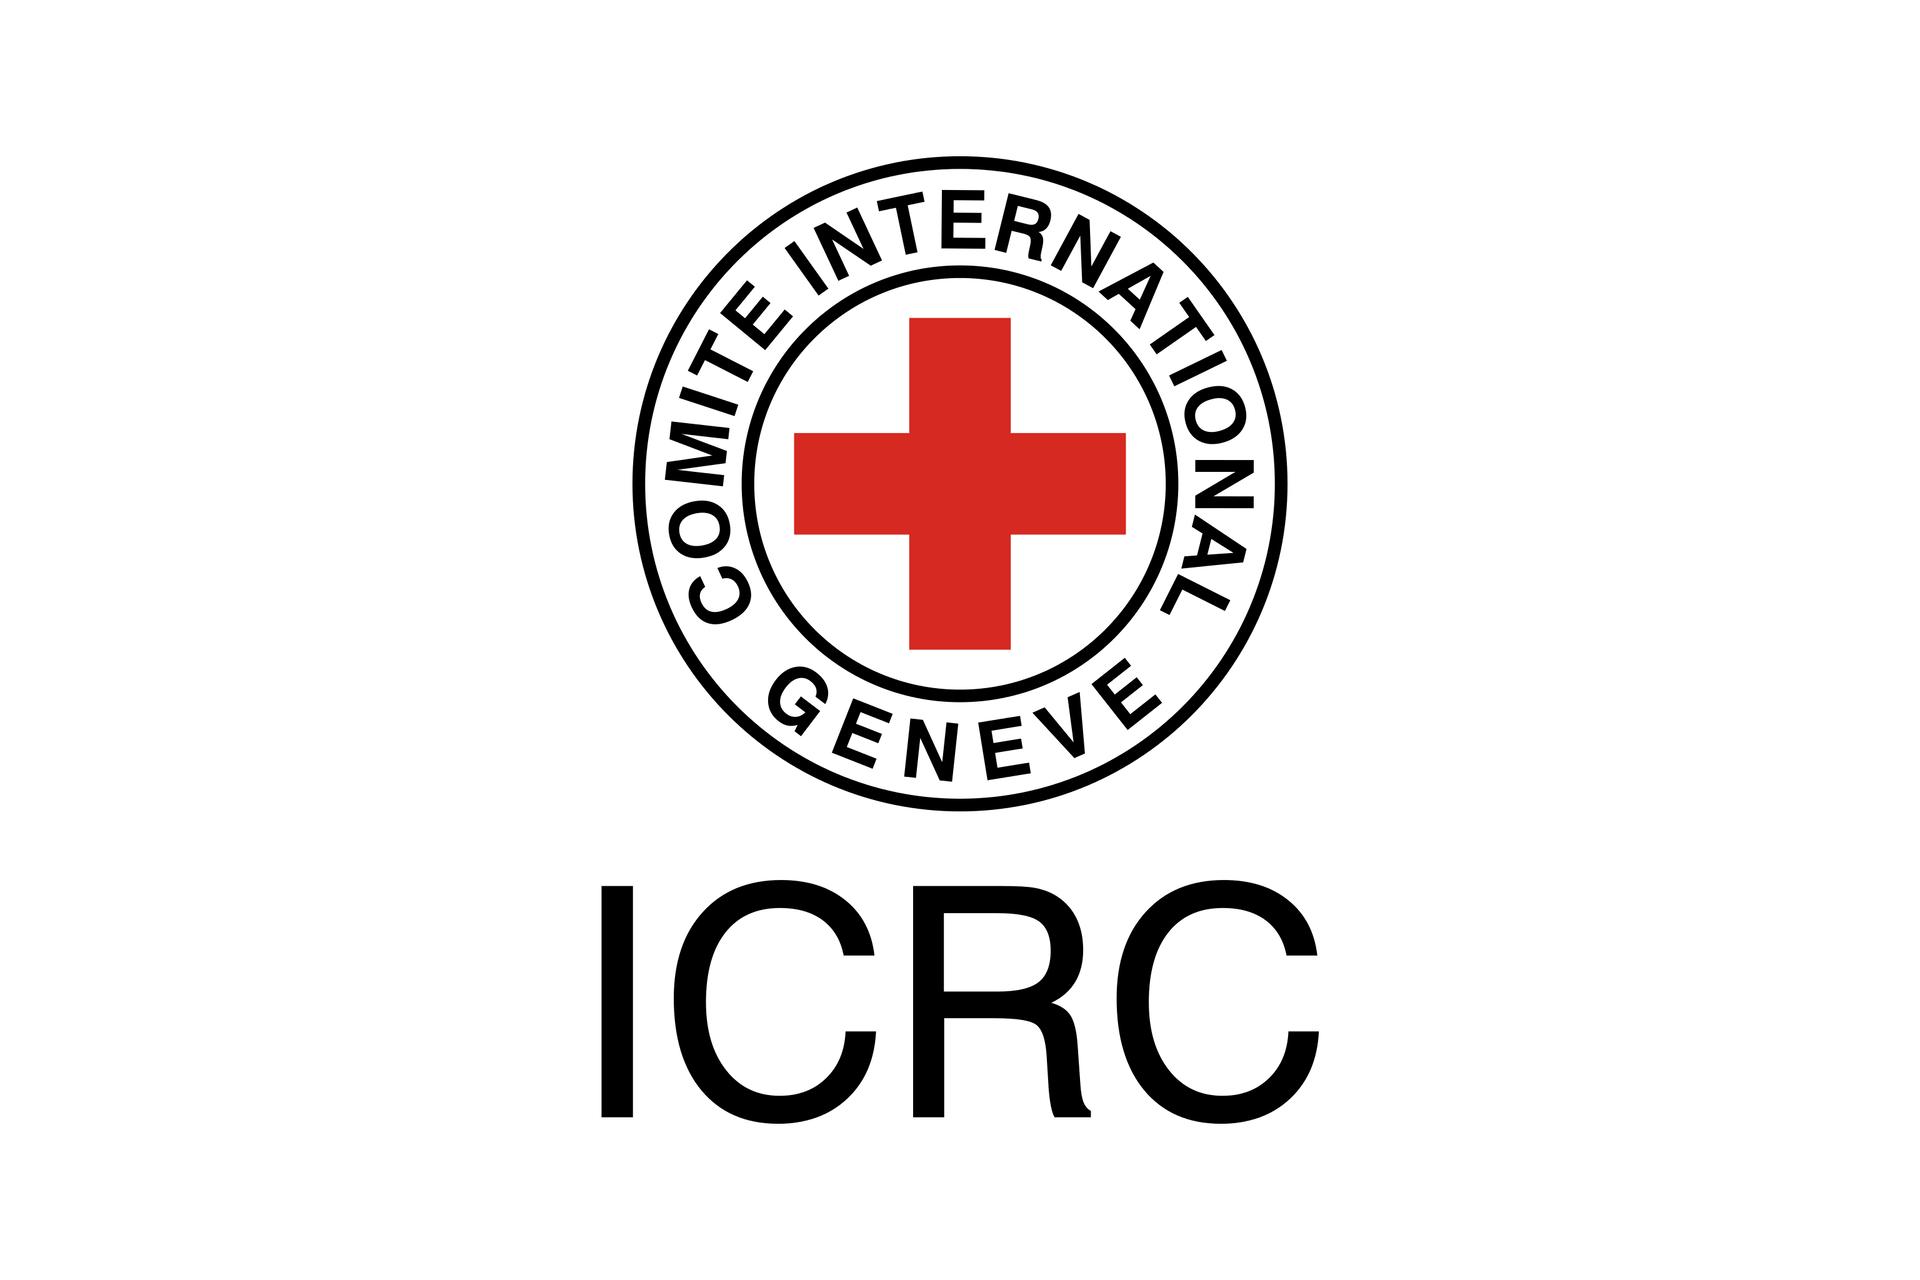 Ilustracja przedstawia logo czerwonego krzyża. Dwa czarne okręgi na białym tle. Pomiędzy okręgiem zewnętrznym iwewnętrznym czarny napis: GENEVE COMITE INTERNATIONAL. Wewnątrz okręgów znak czerwonego krzyża. Poniżej skrót ICRC.